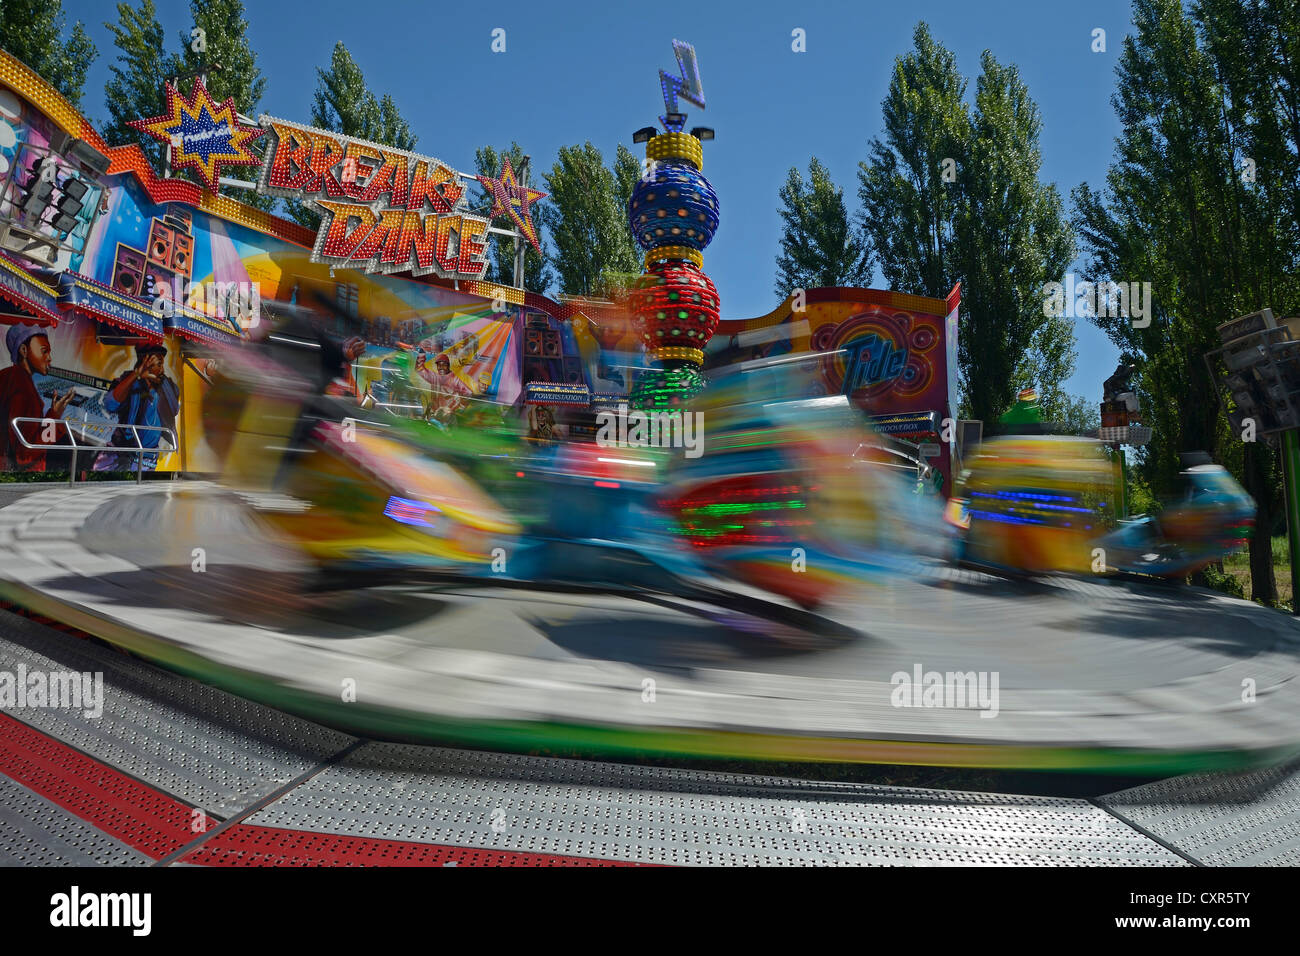 Breakdance funfair ride, funfair, motion blur, Berlin, Germany Europe - Stock Image